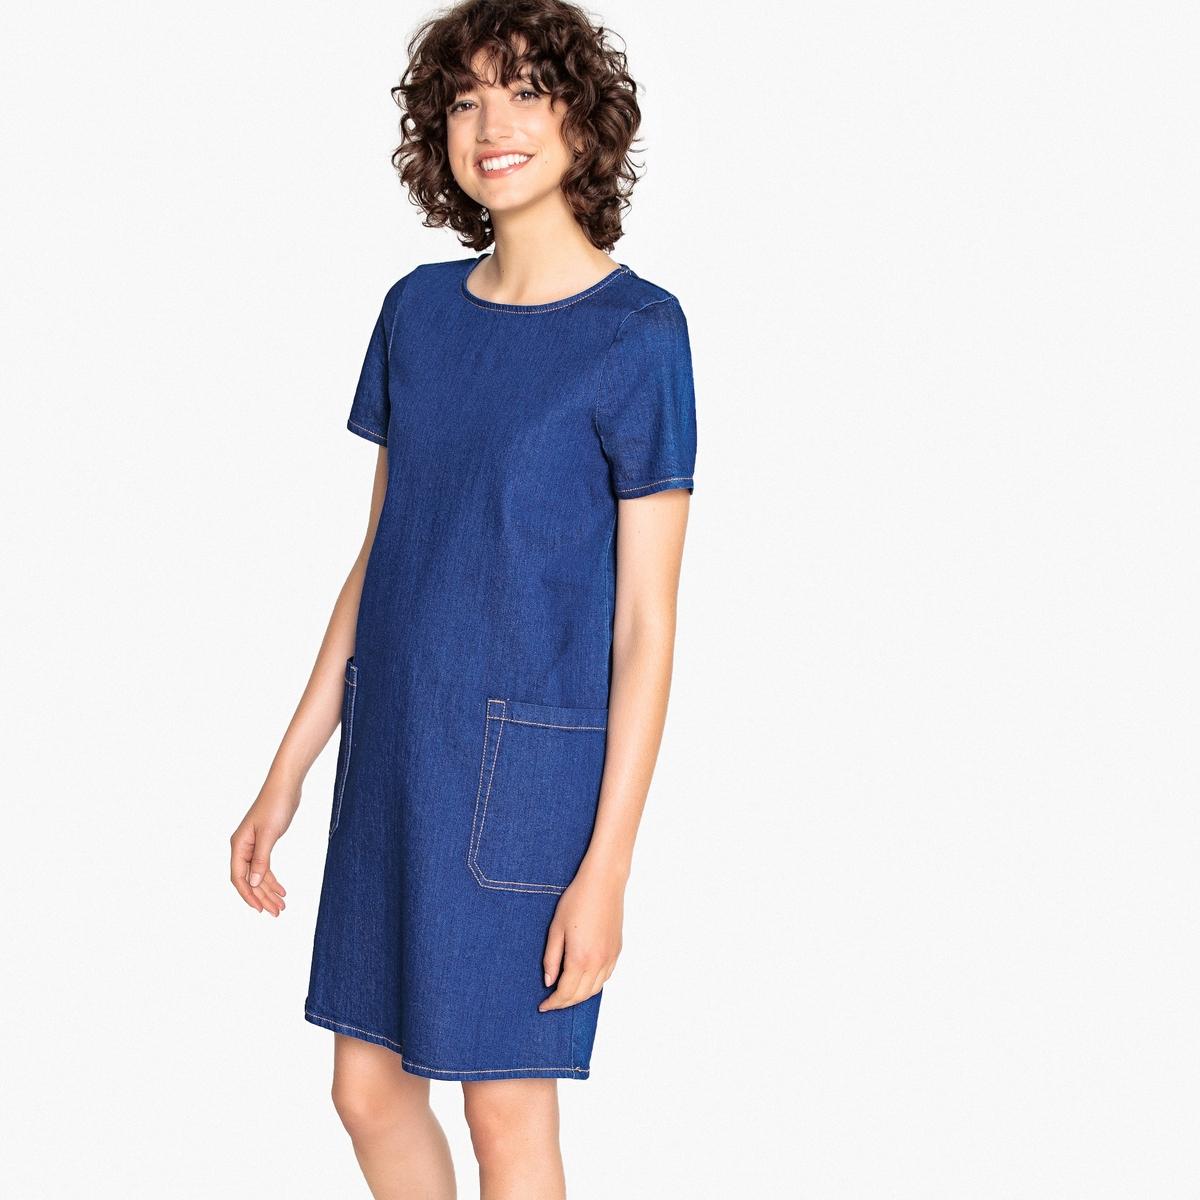 цена Платье La Redoute Прямое с круглым вырезом и короткими рукавами из джинсовой ткани 34 (FR) - 40 (RUS) синий онлайн в 2017 году